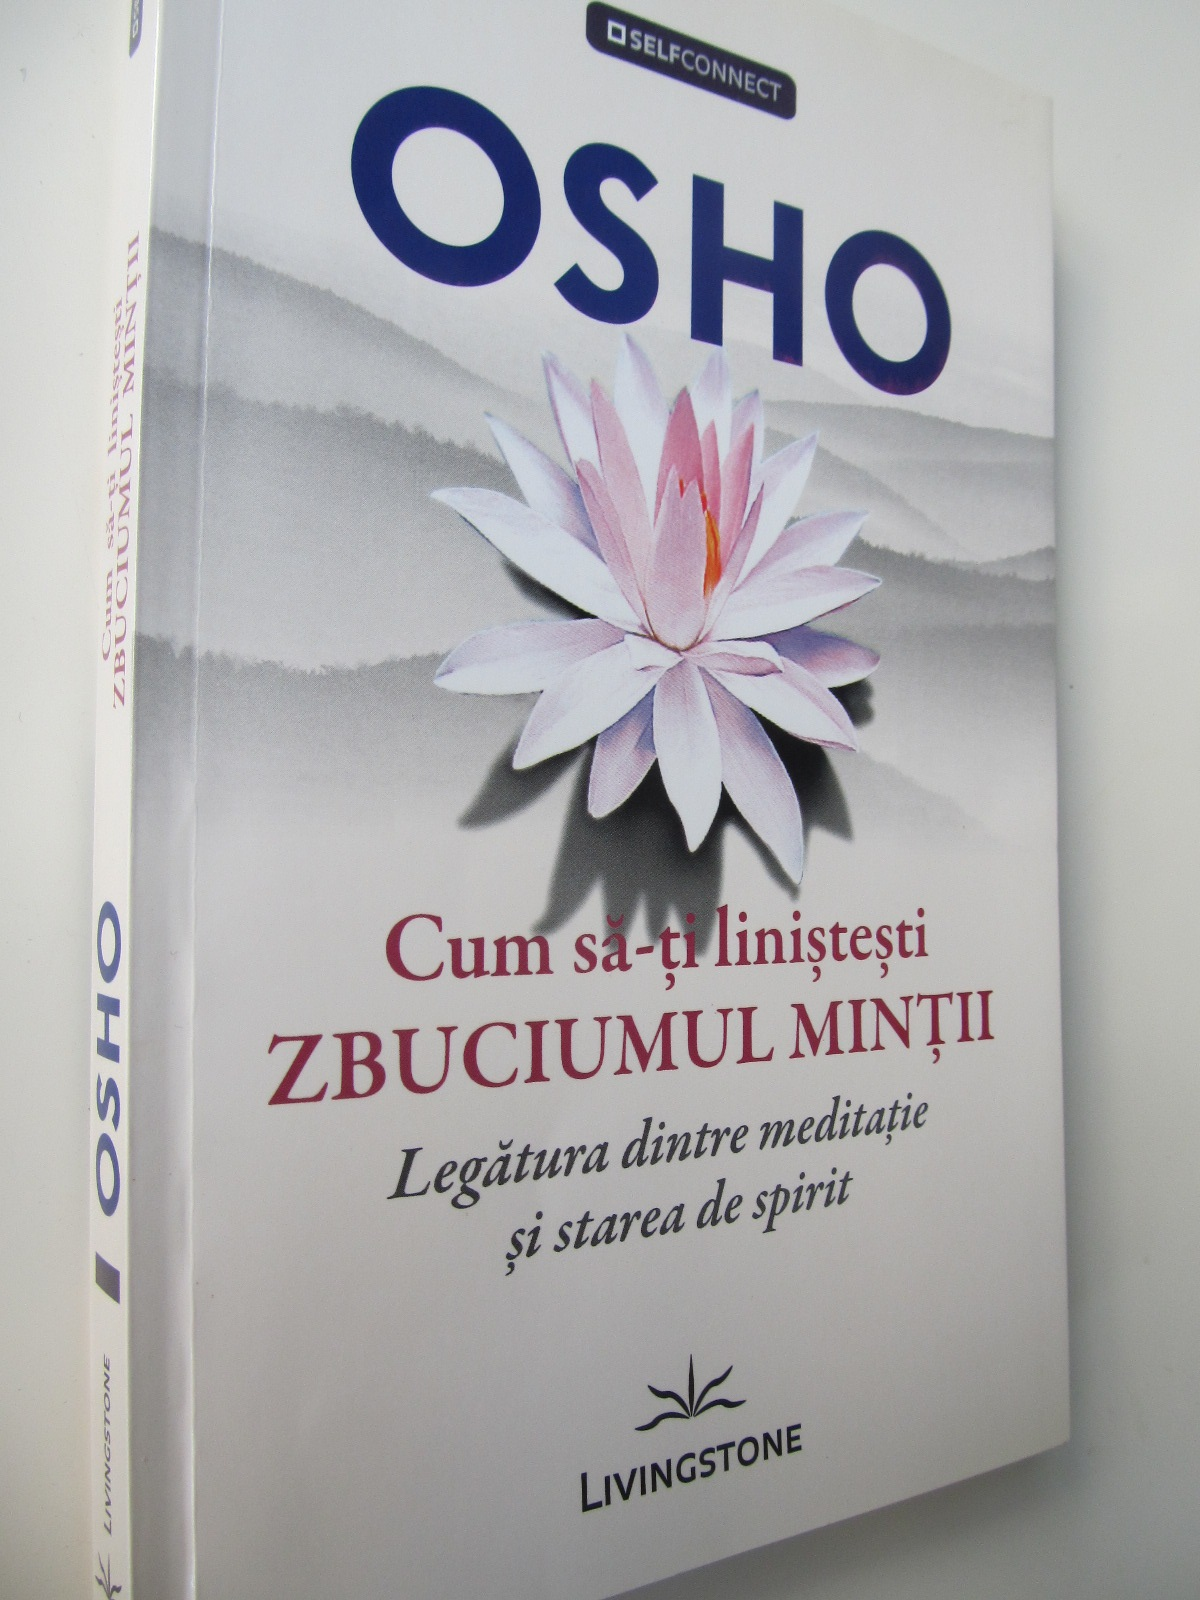 Cum sa-ti linistesti zbuciumul mintii - Legatura dintre meditatie si stare de spirit - Osho | Detalii carte